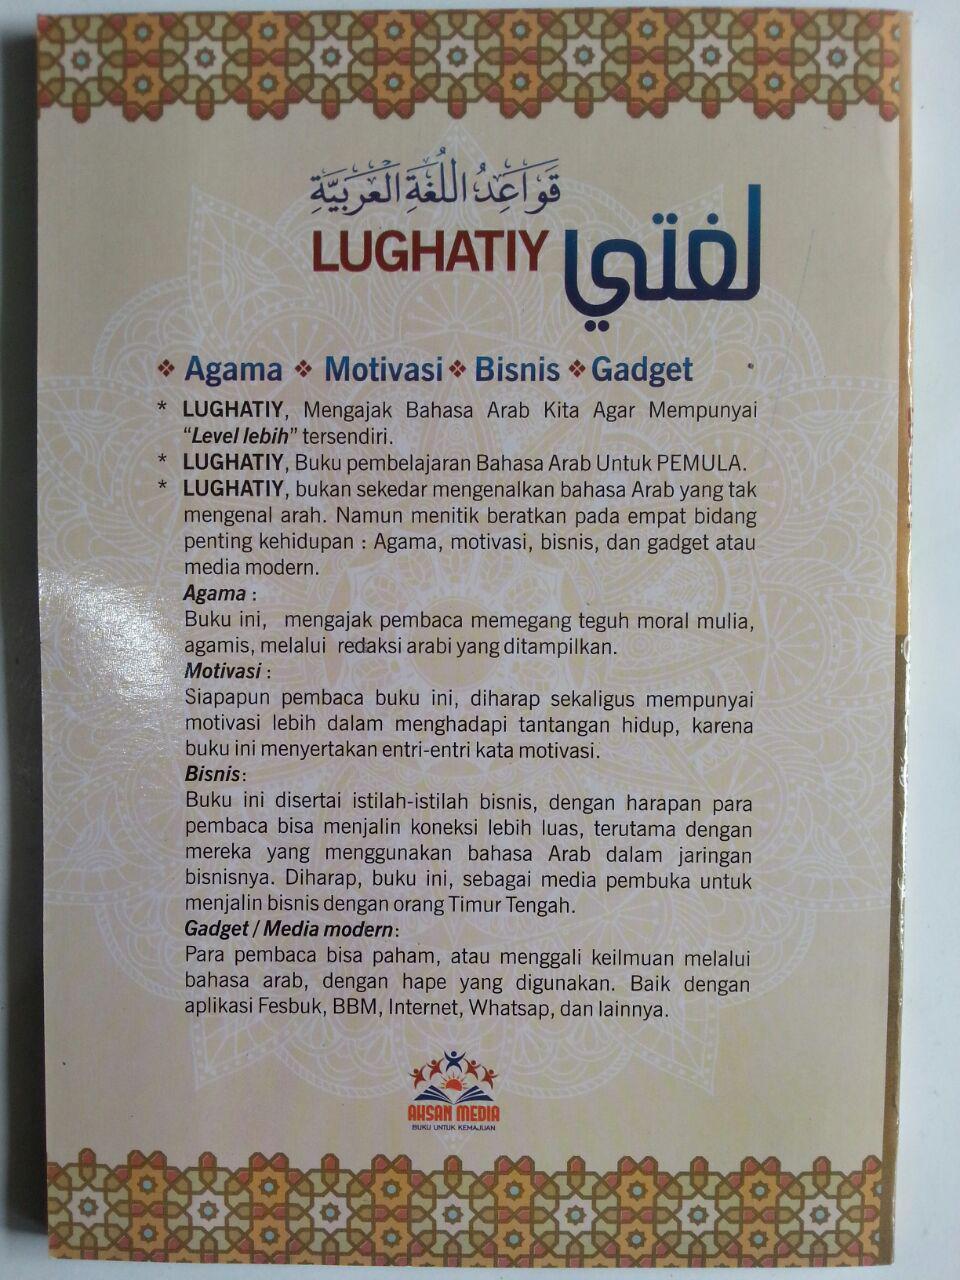 Buku Lughoti Jurus Taktis Menguasai Bahasa Arab Untuk Pemula 2 cover